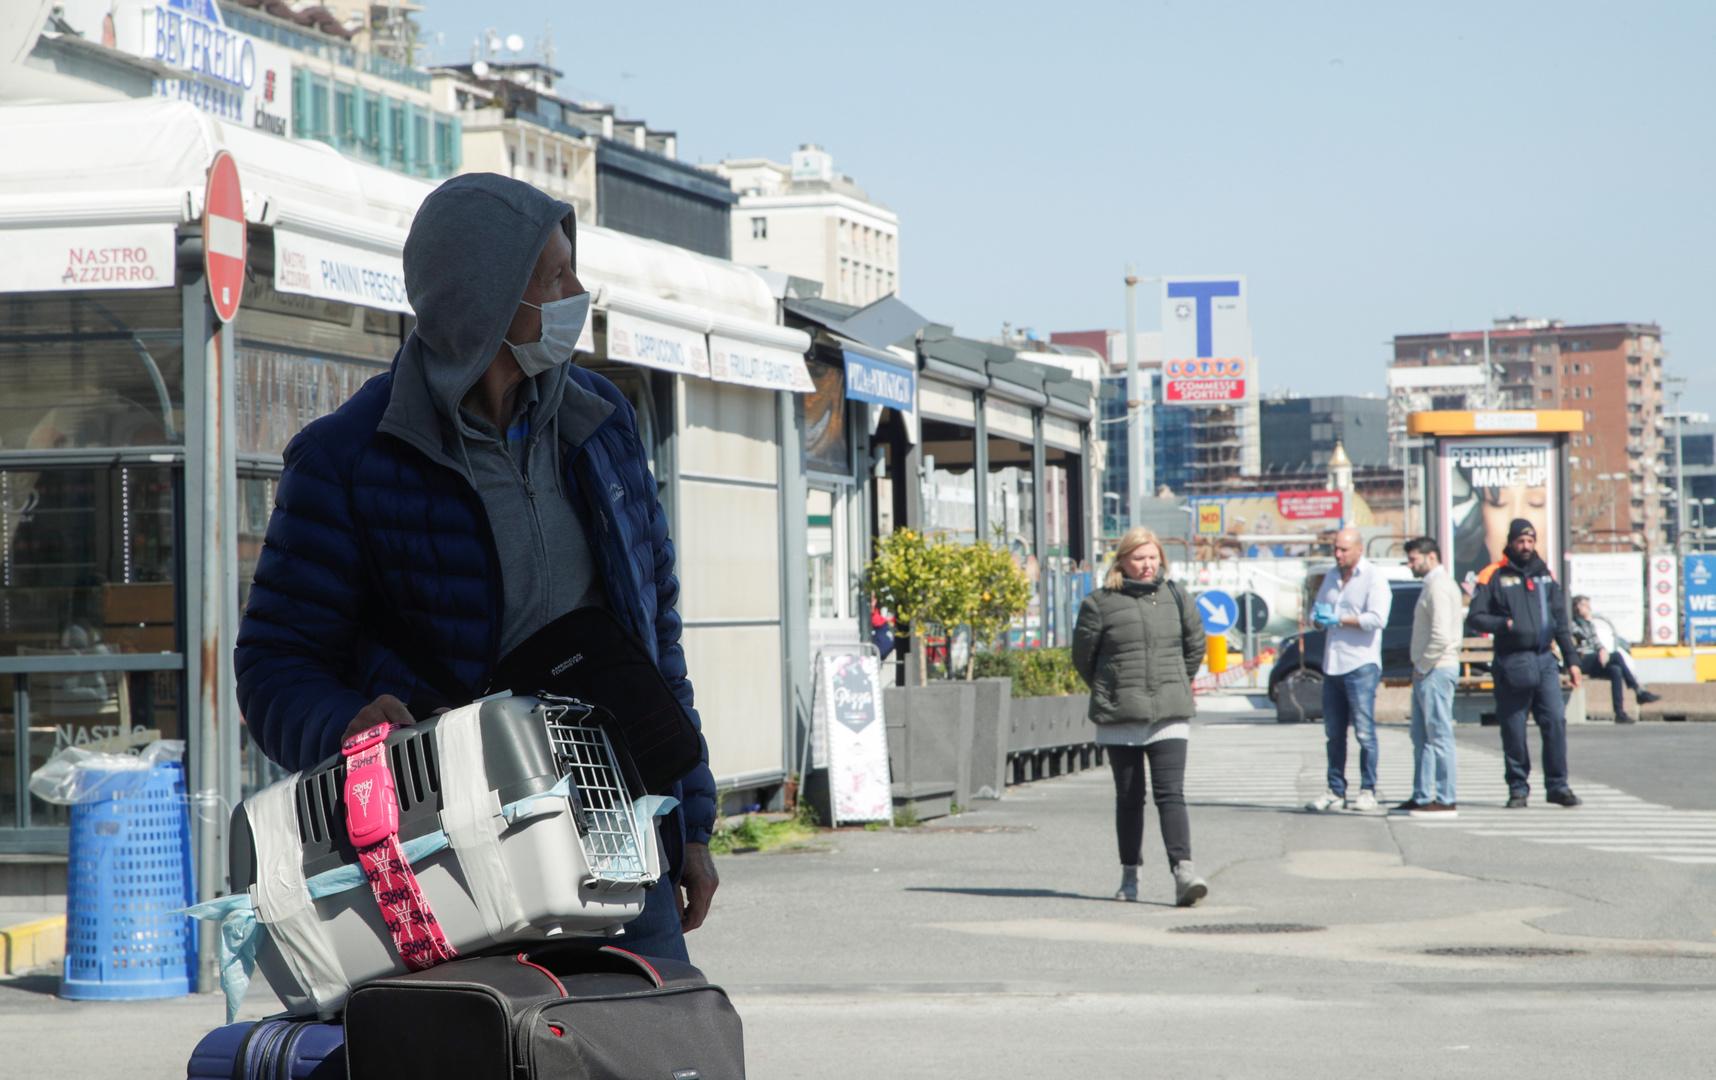 Menschen halten sich nach der Ausgangssperre auf Neapels Straßen auf